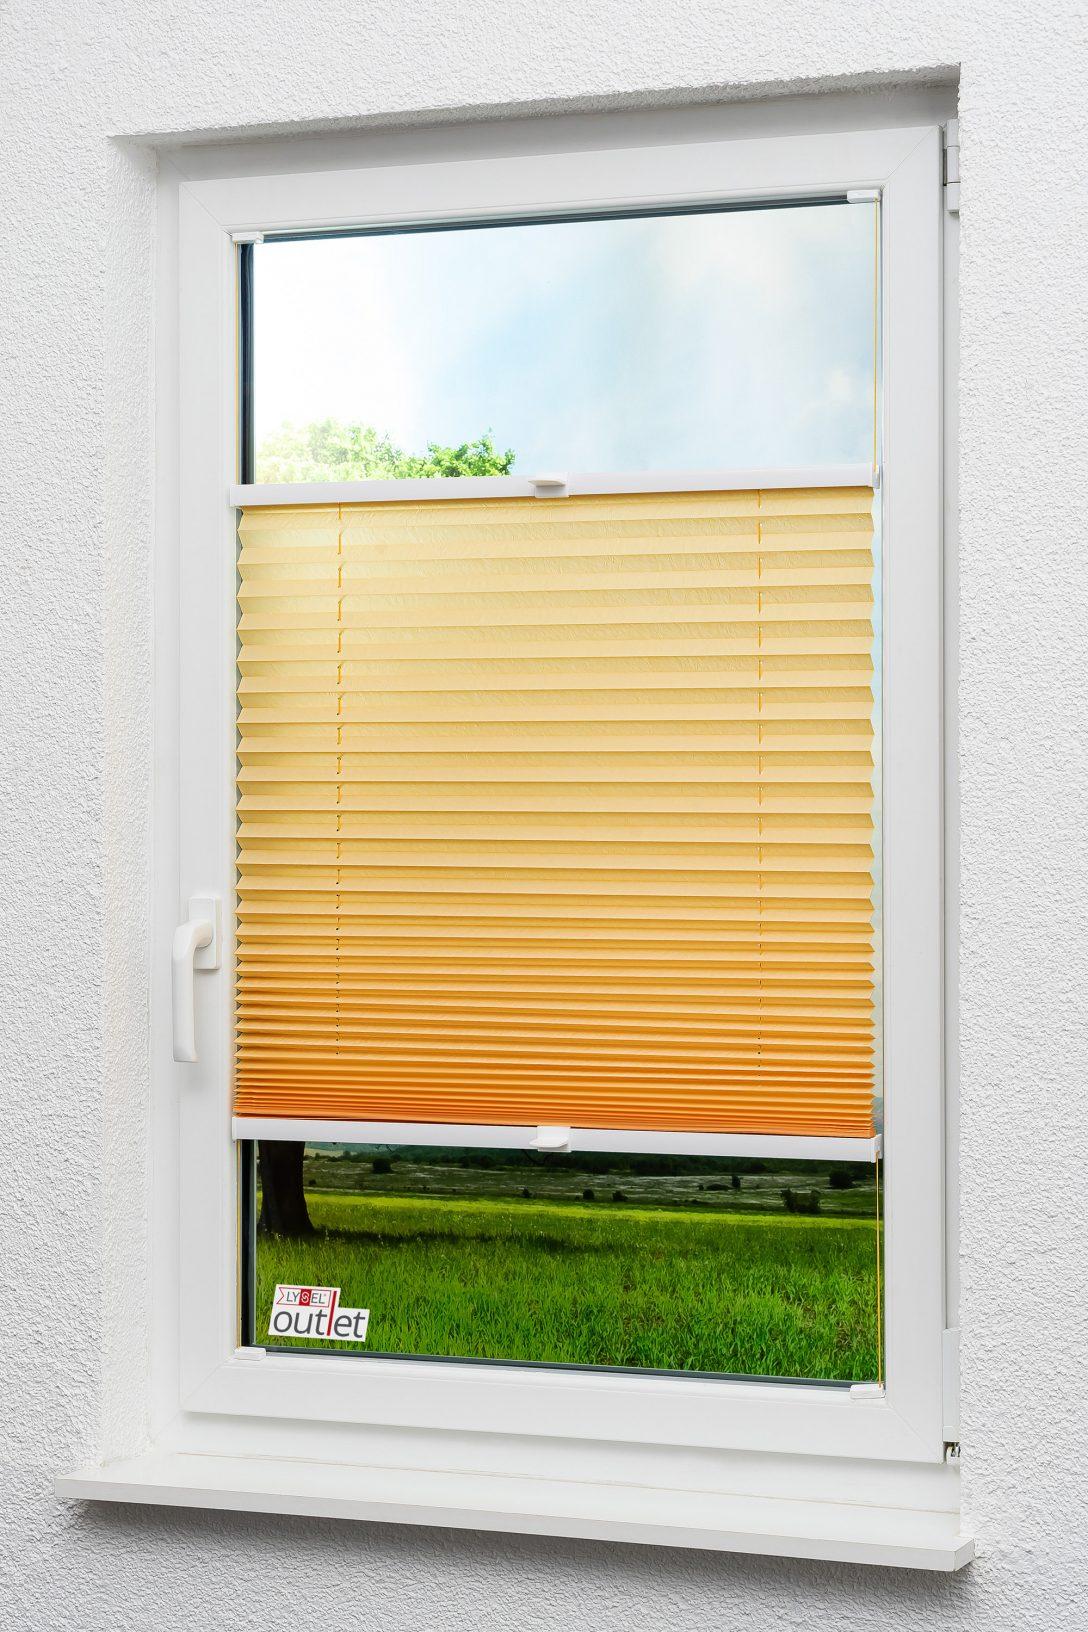 Large Size of Plissee Fenster Ohne Bohren Klemmen Zum Amazon Ins Ausmessen Ikea Montage Im Glasfalz Plissees Montageanleitung Lysel Outlet Crush Faltrollo Sichtschutz Fenster Plissee Fenster